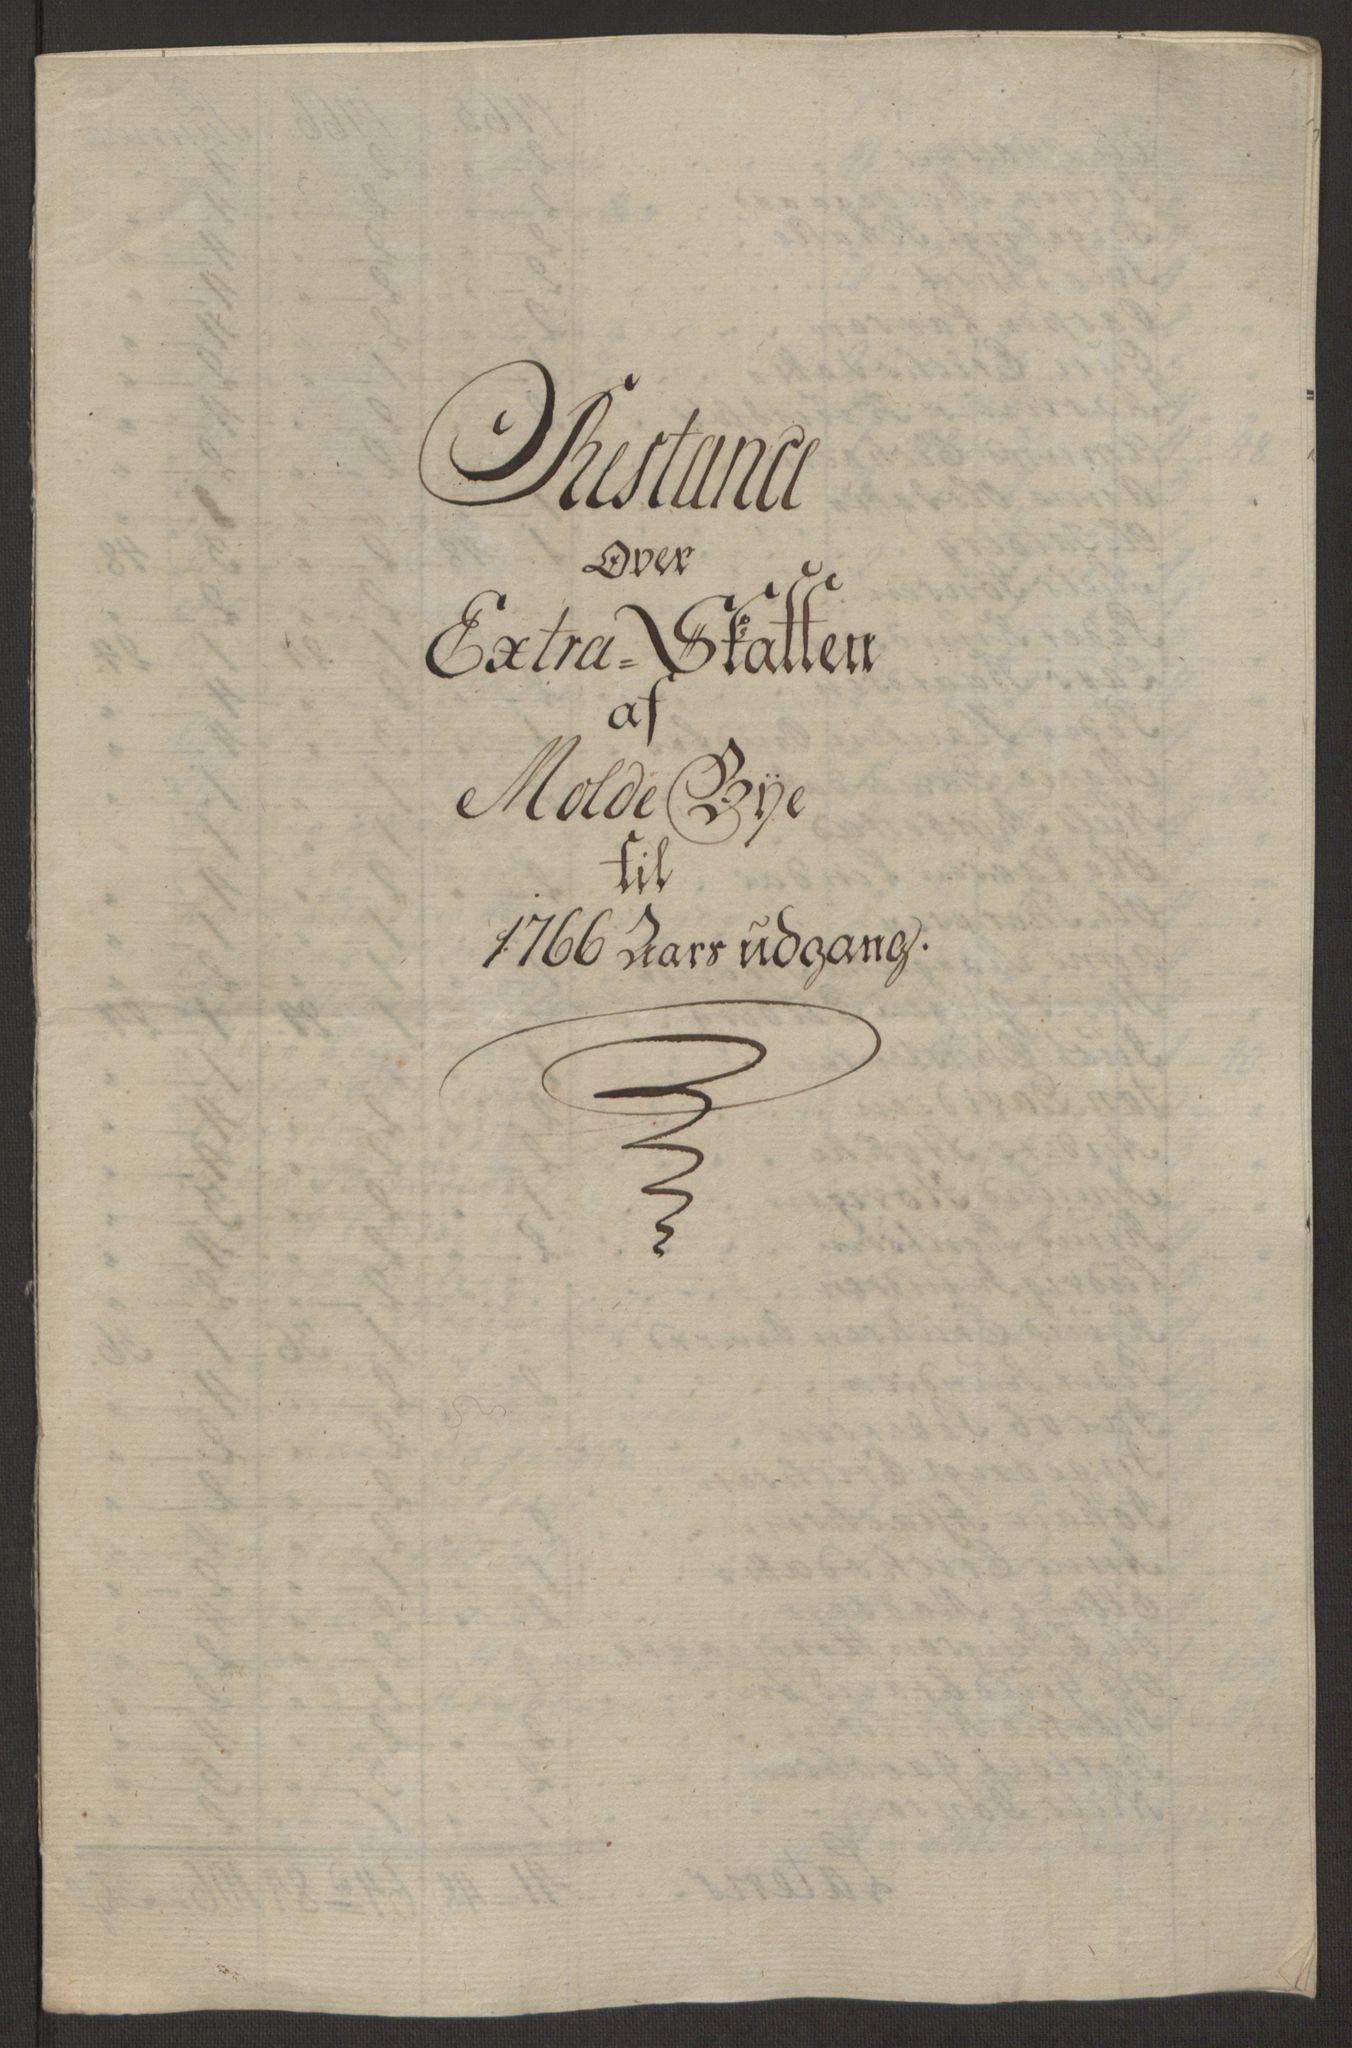 RA, Rentekammeret inntil 1814, Reviderte regnskaper, Byregnskaper, R/Rq/L0487: [Q1] Kontribusjonsregnskap, 1762-1772, s. 135